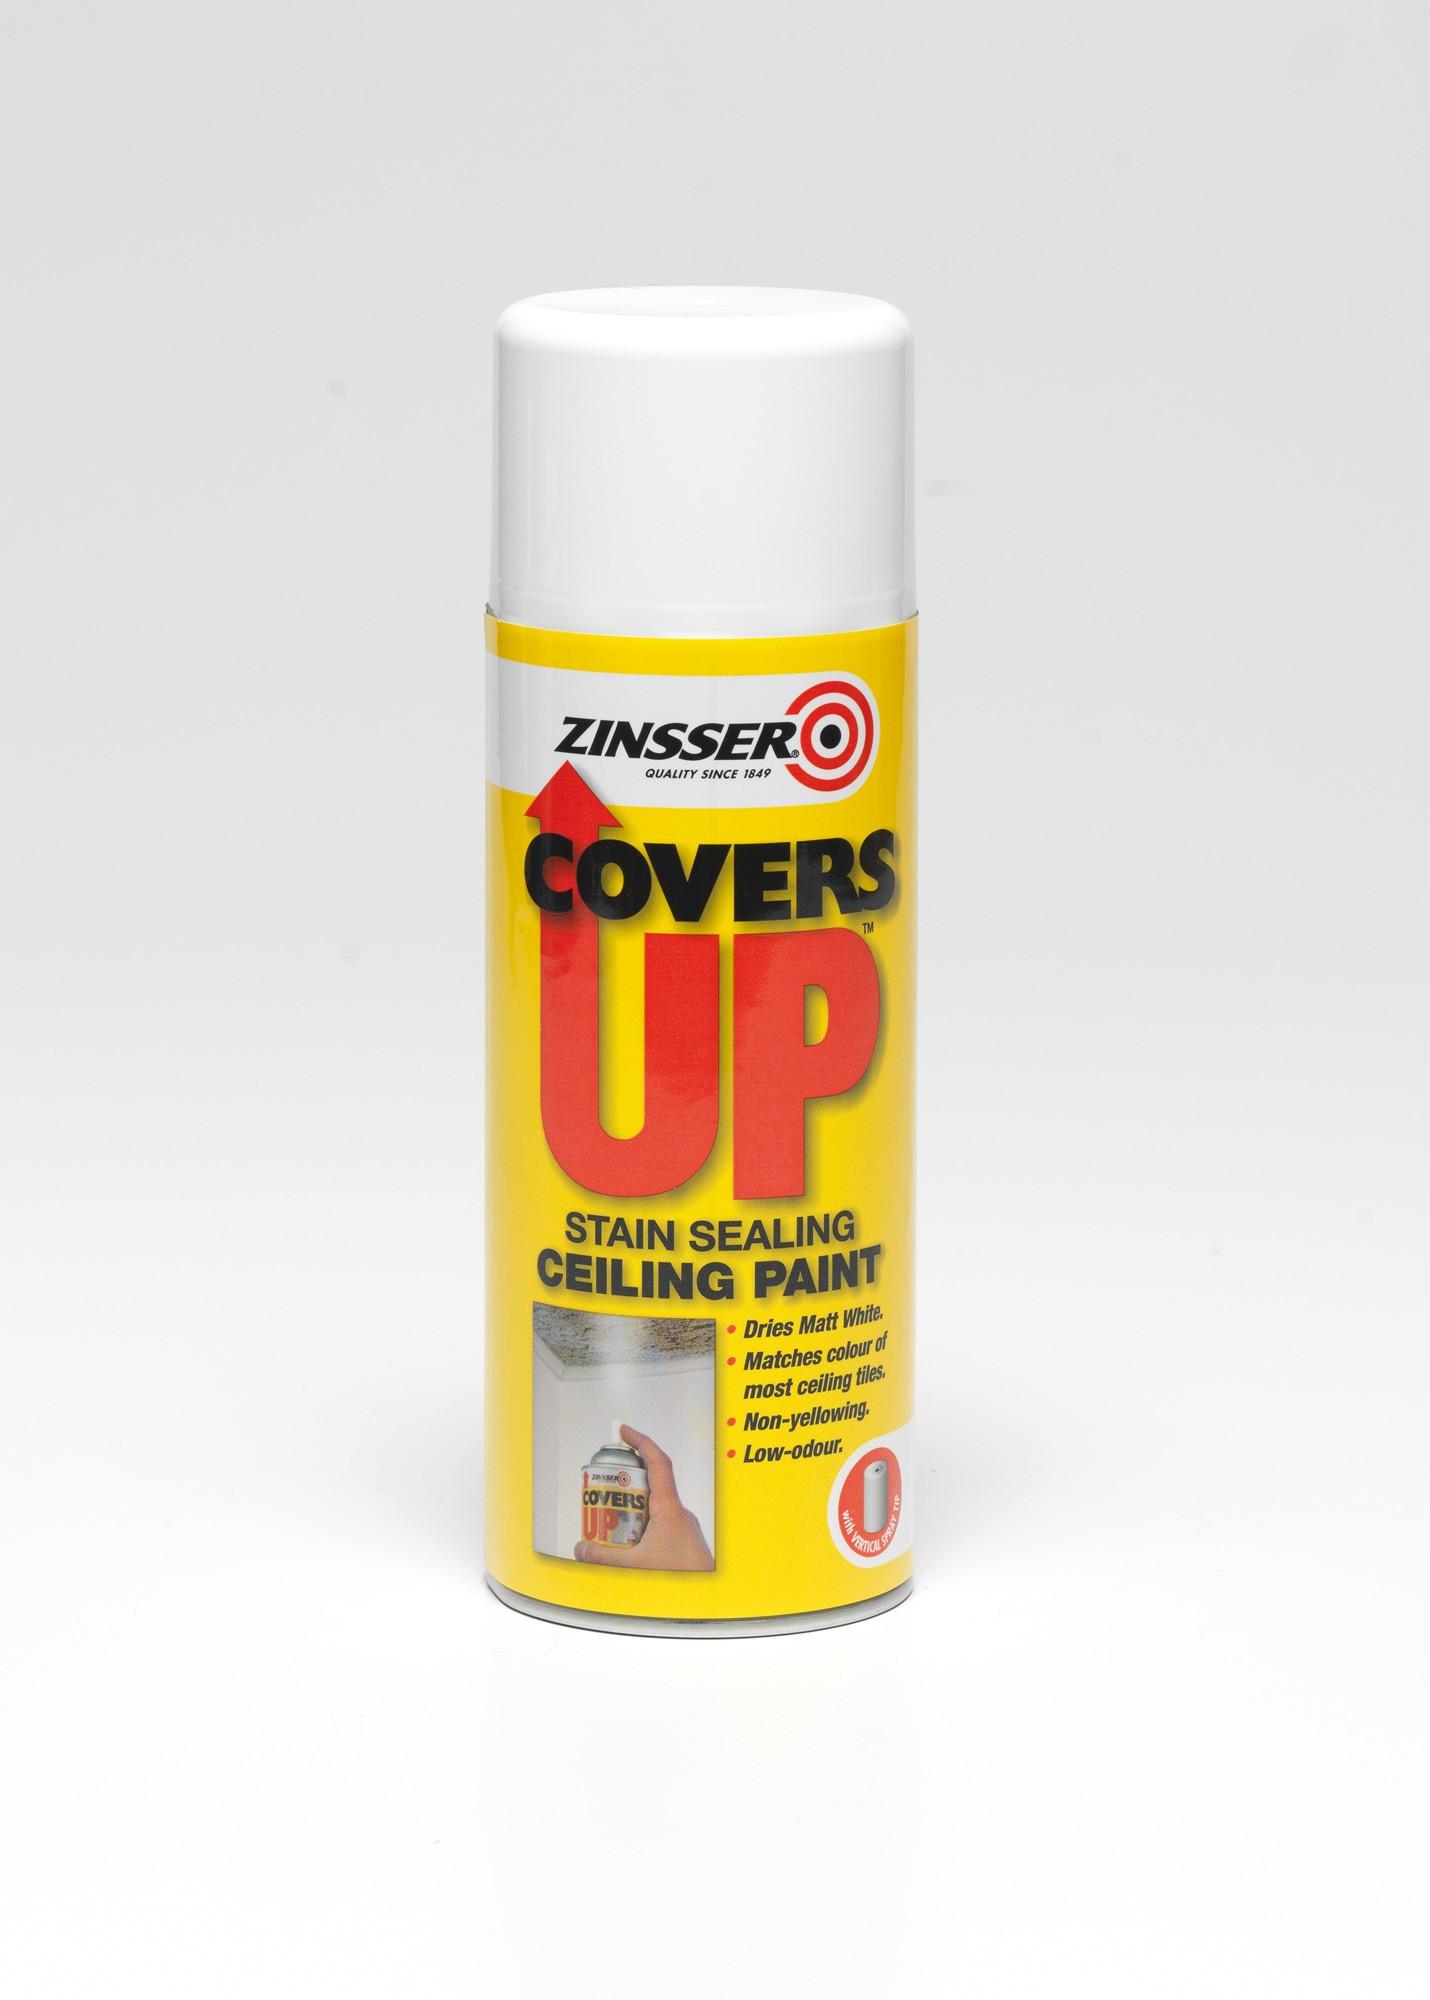 Covers up aerosol